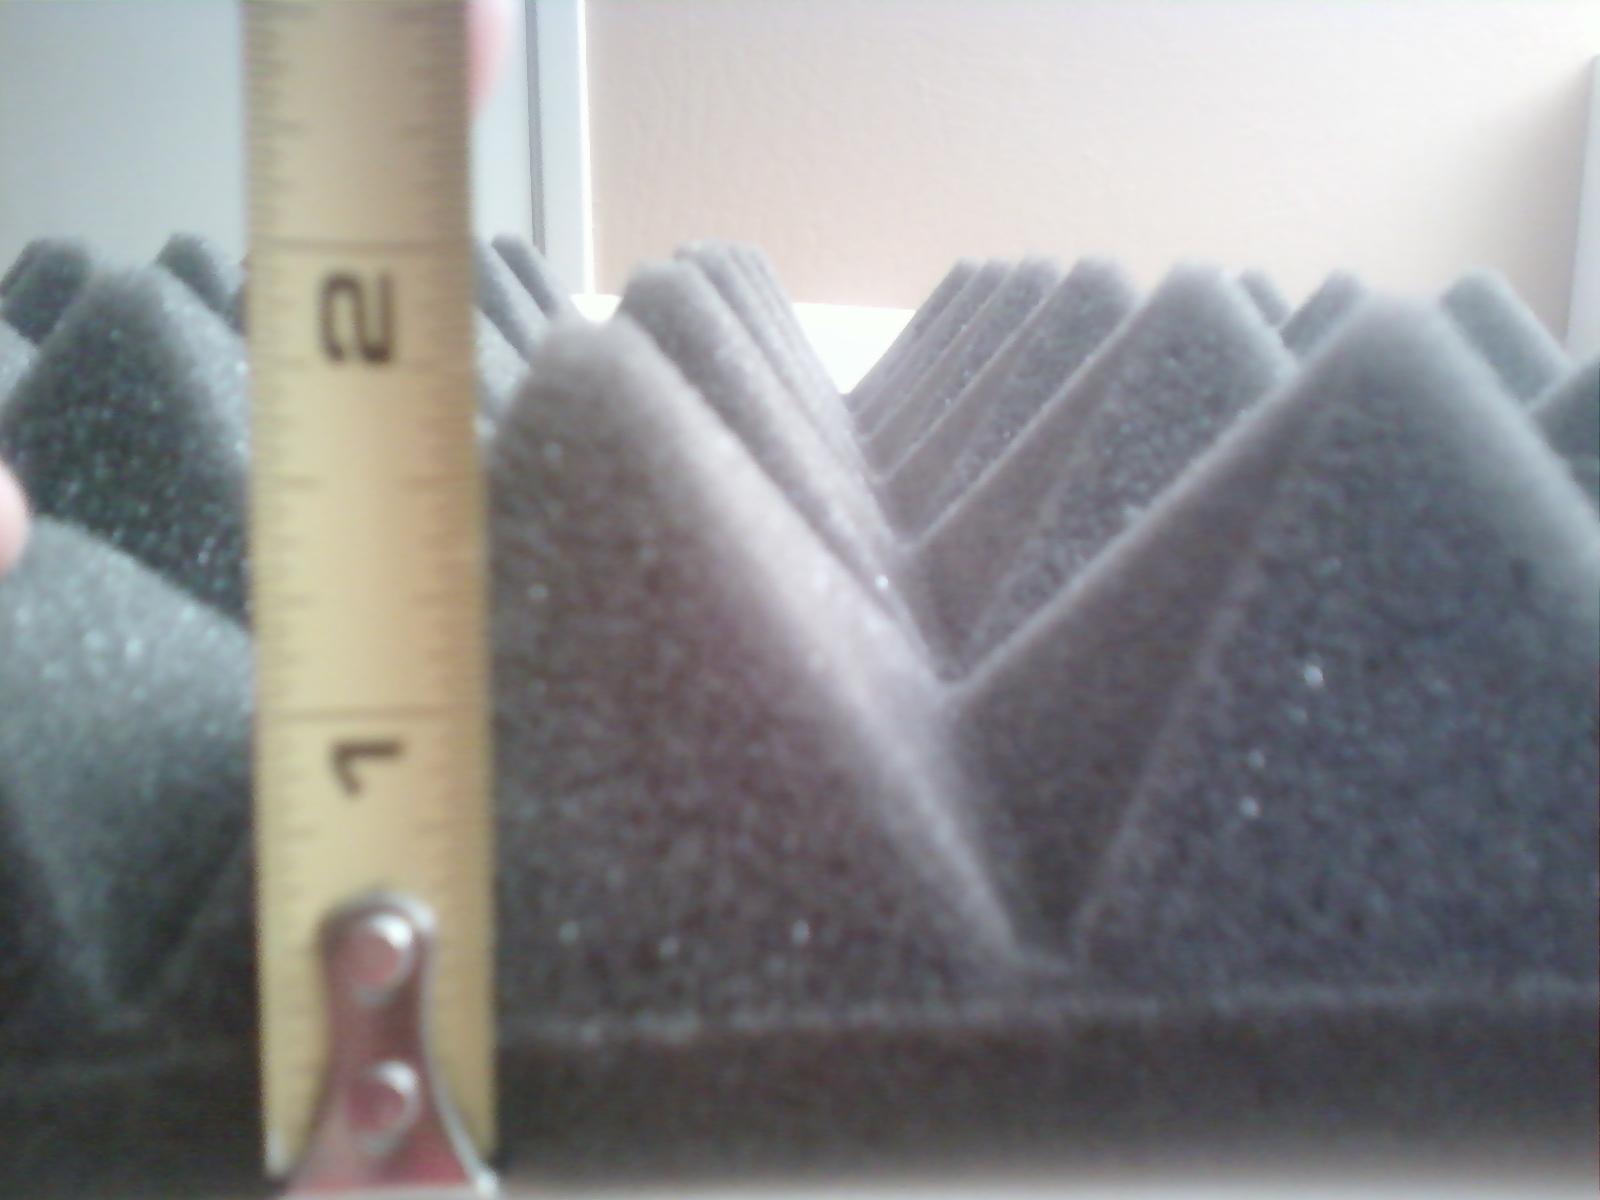 Foam Factory (Foam by Mail) Dilemma - Page 2 - Gearslutz